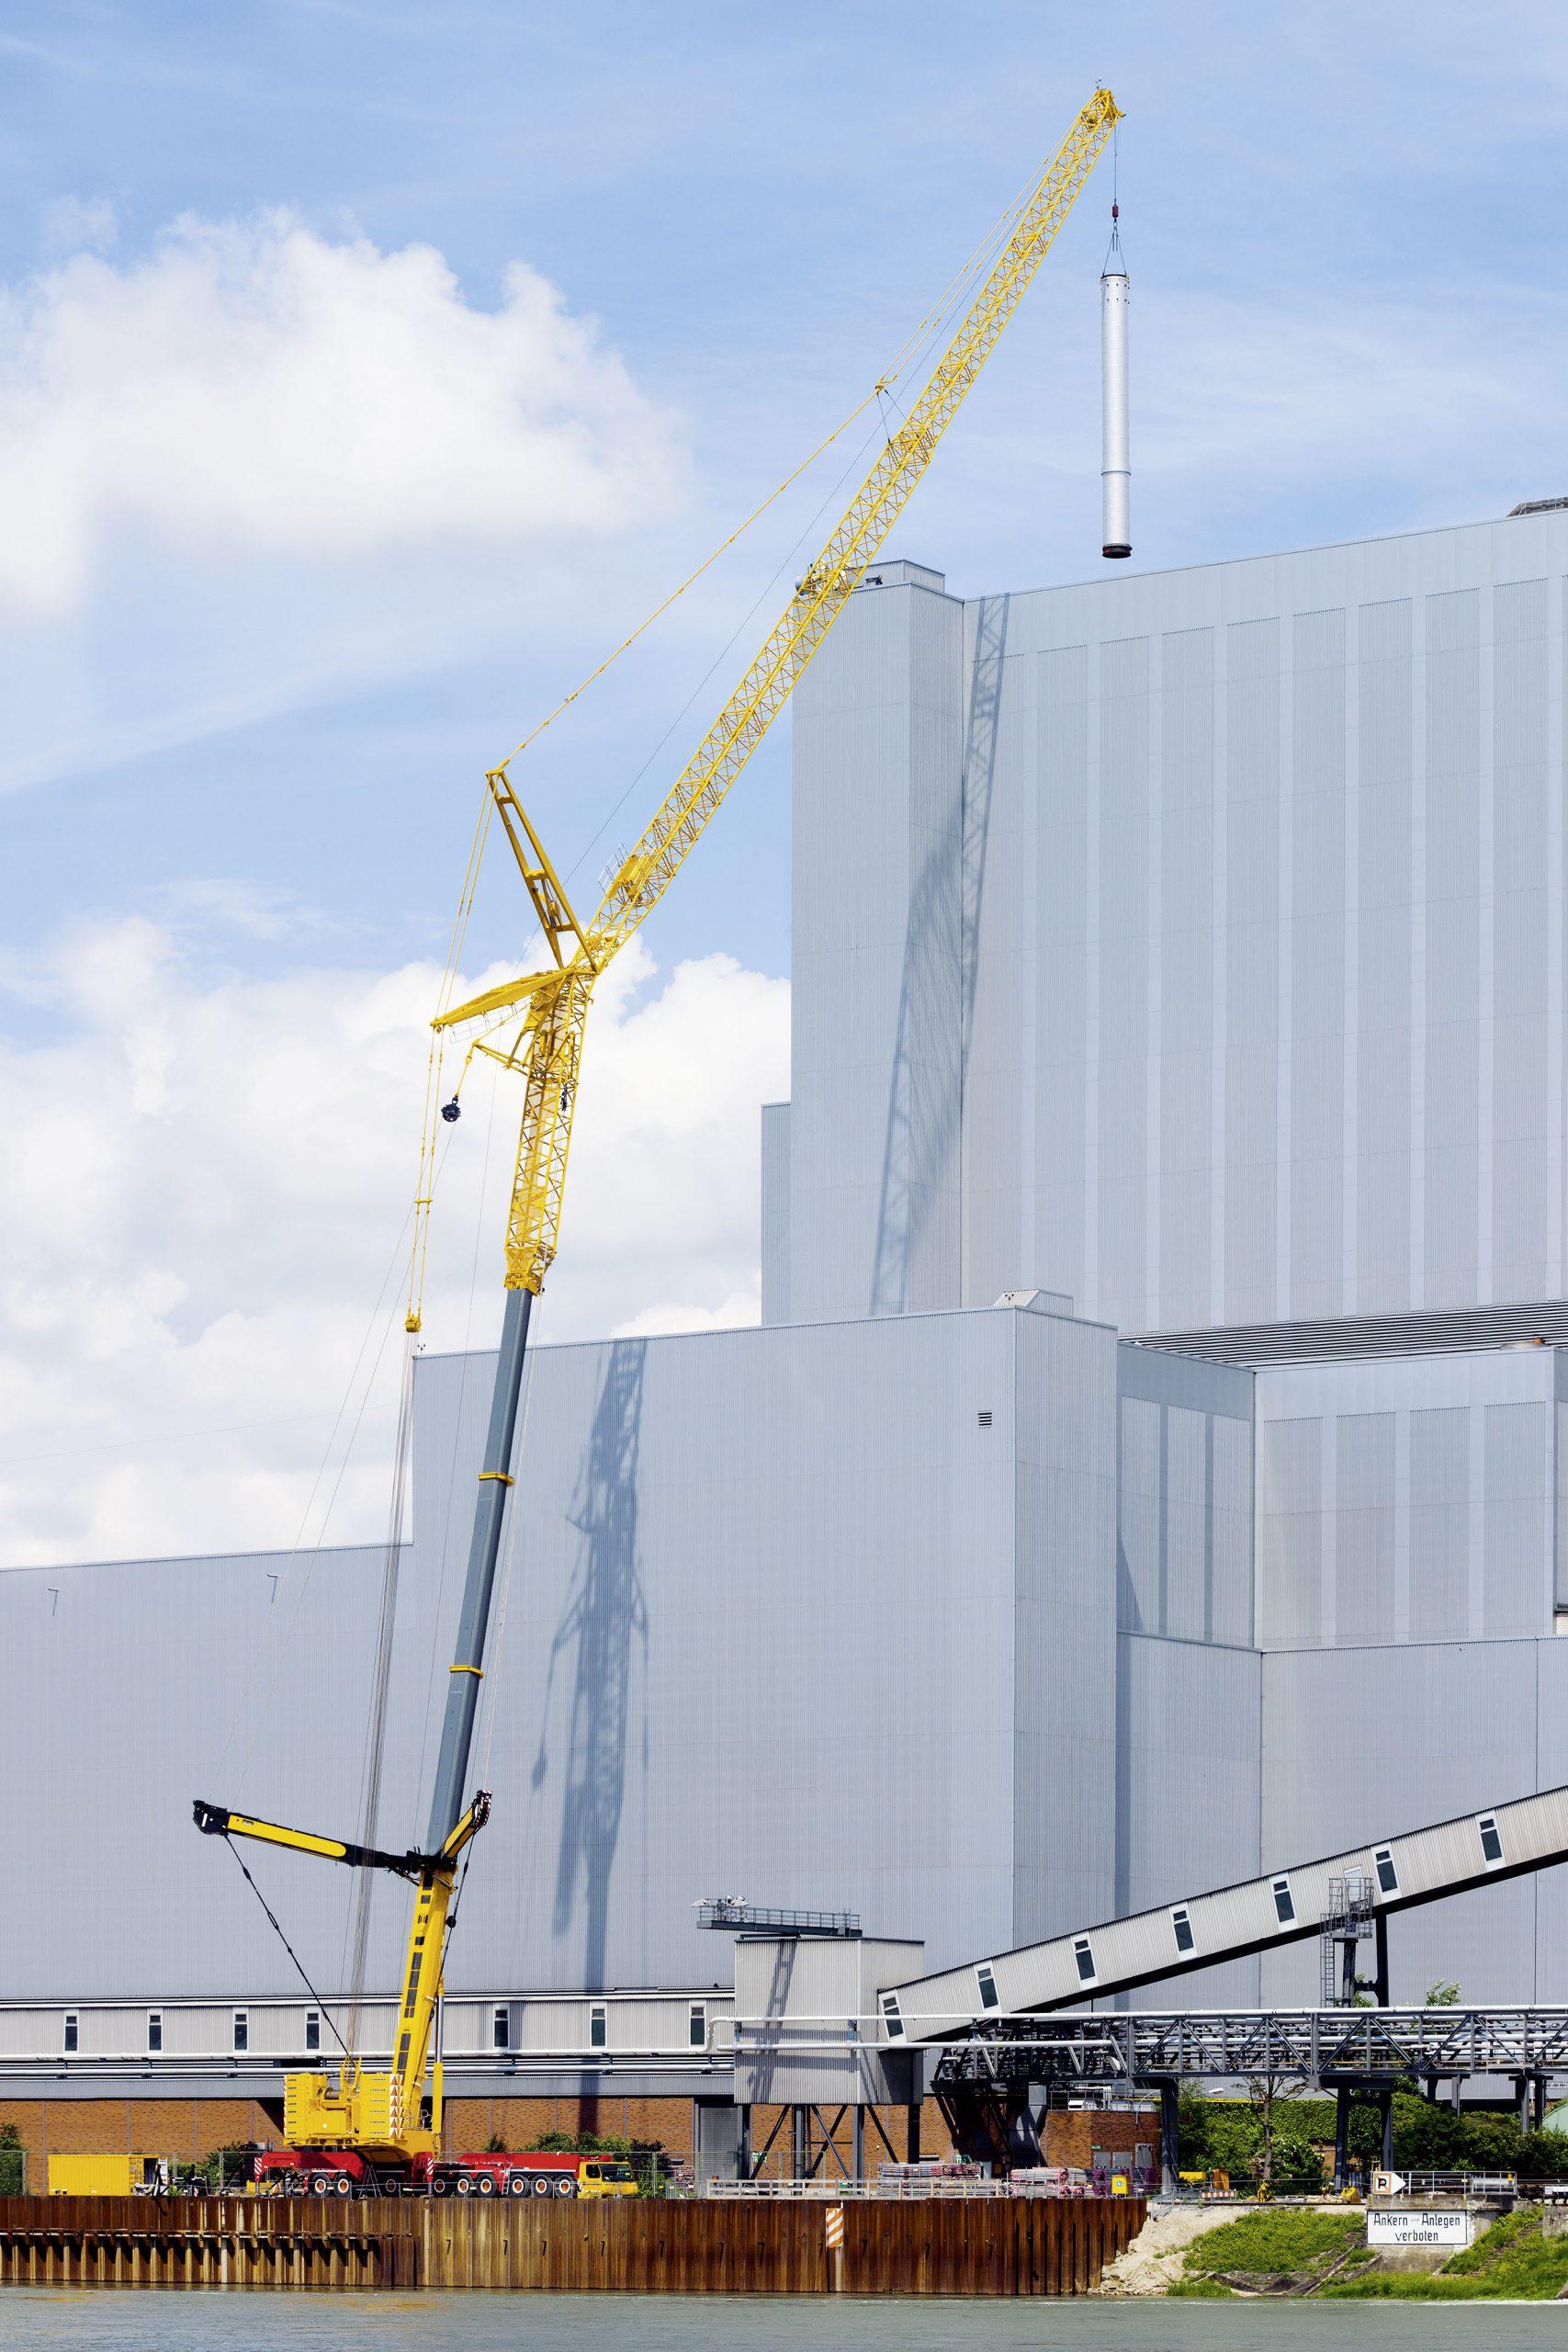 Mobilkranen som klarar av att lyfta upp till 800 ton.